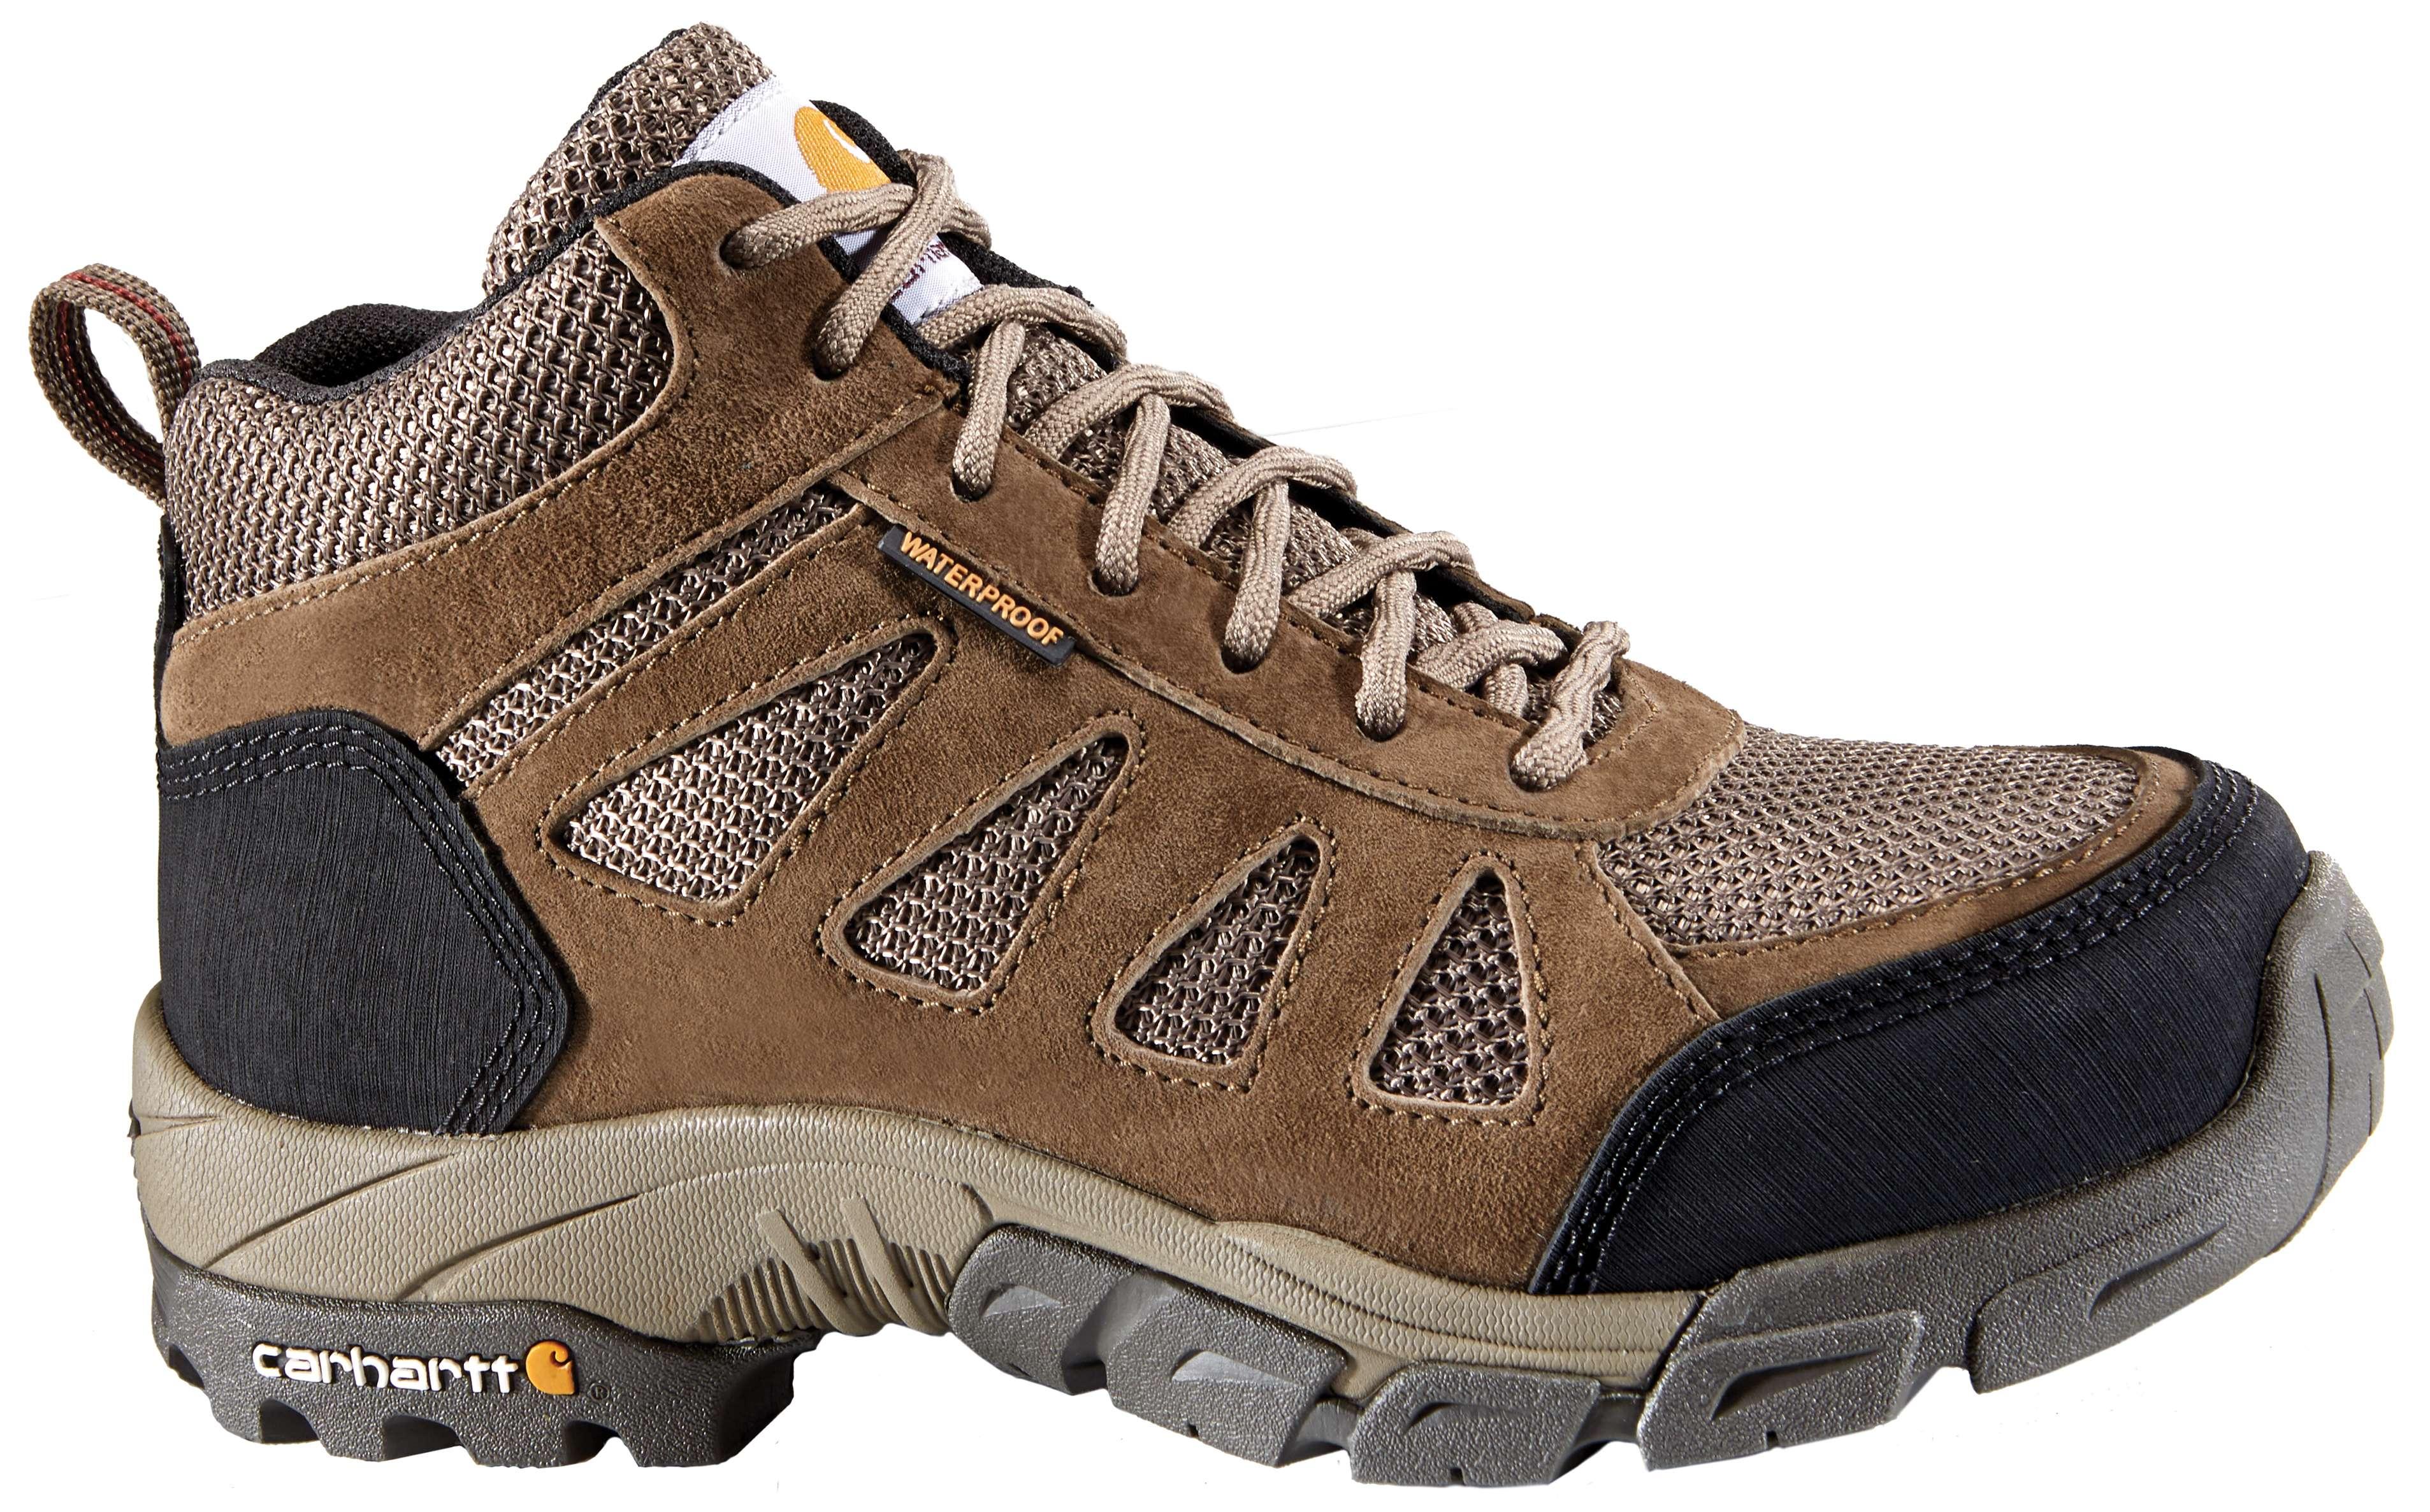 Carhartt Lightweight Safety Toe Work Hiker